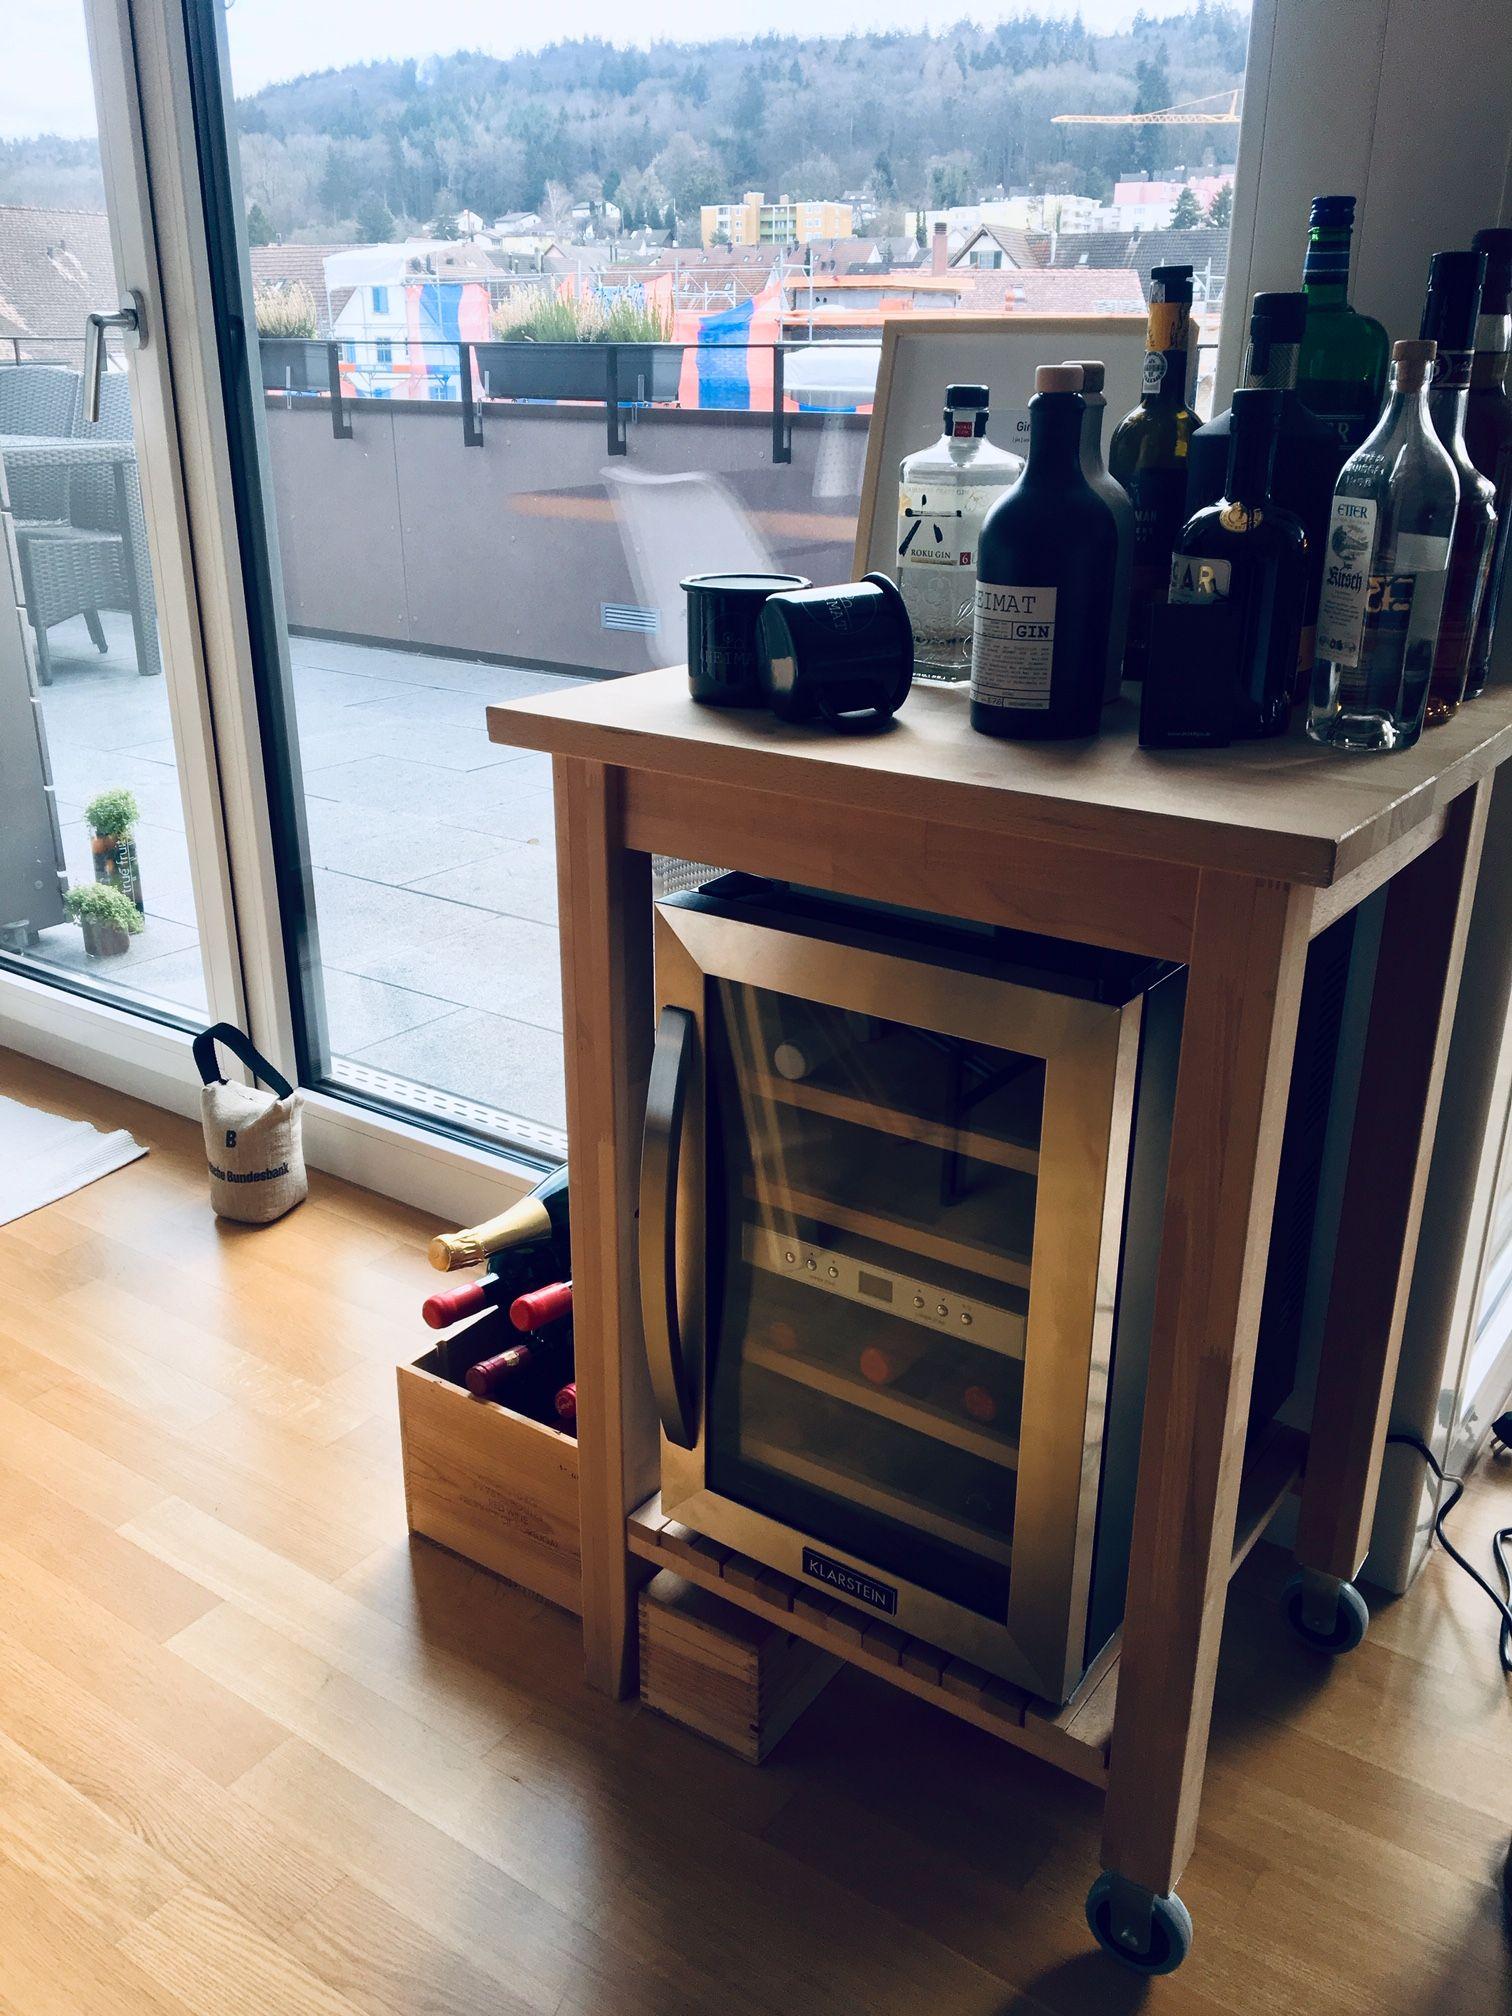 Ikea Hacks Wohnung Esszimmer Wohnung Kuche Weinkuhlschrank